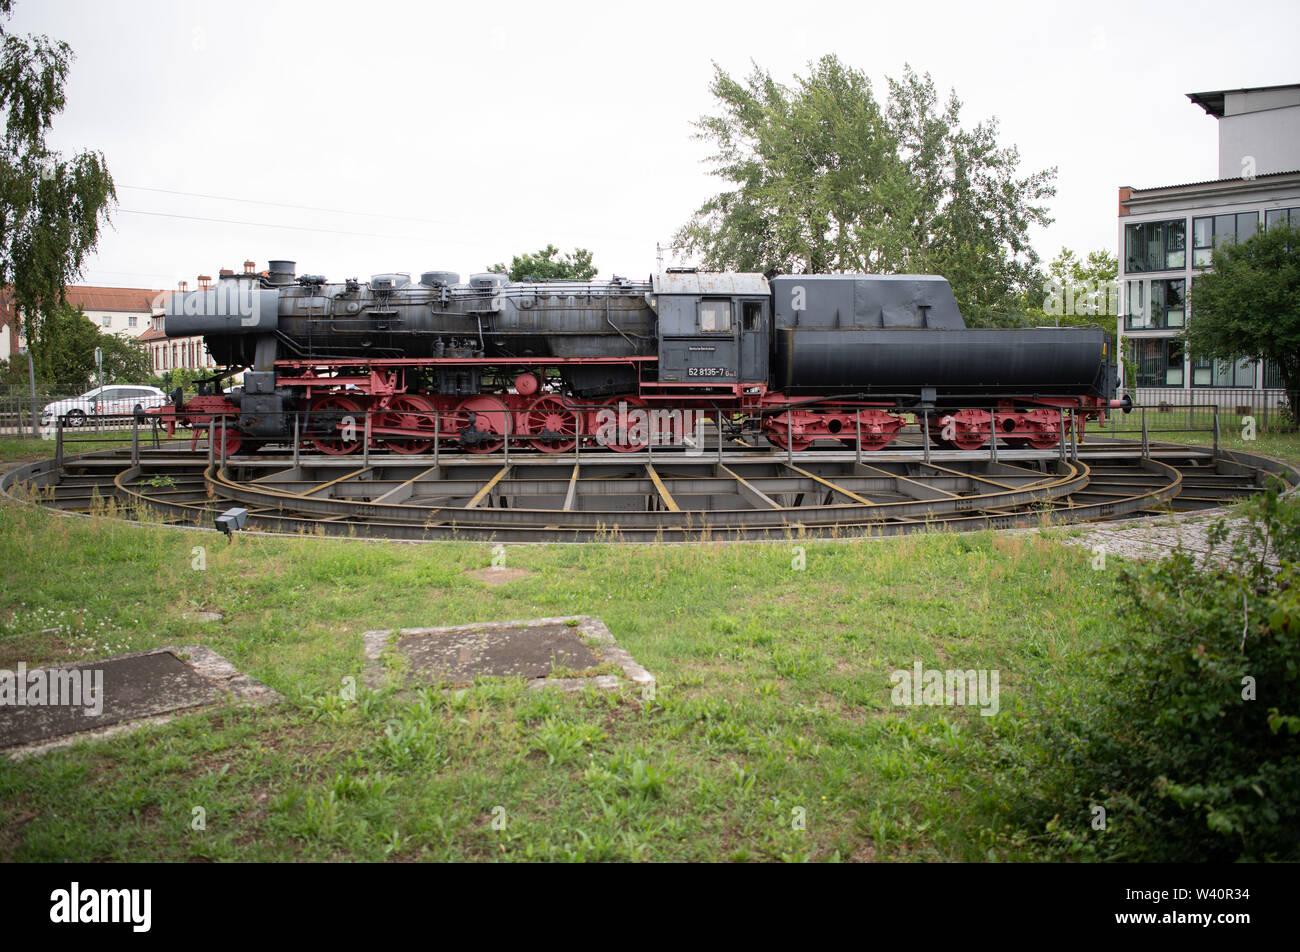 Wildau, Alemania. El 15 de julio, 2019. Una clase 528135-7 locomotora de mercancías se exhiben en una plataforma giratoria en la parte delantera de la Universidad Técnica de Wildau (distrito de Dahme-Spree). El museo locomotora fue construida en 1943 en Berlín Borsigwerke y ha estado en operación en Wildau desde 1998. Crédito: Soeren Bozo/dpa/Alamy Live News Imagen De Stock